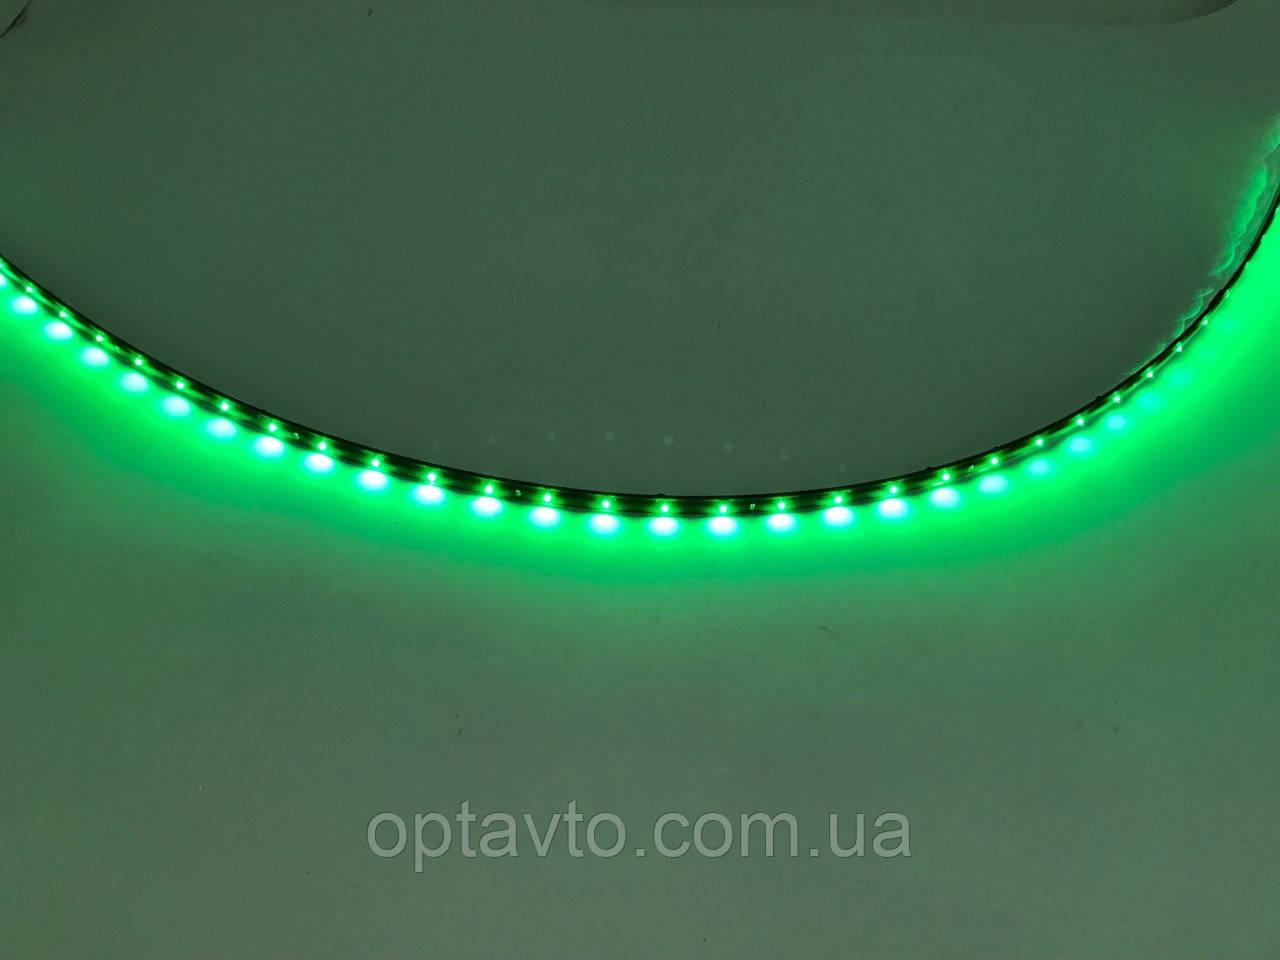 Диодная автомобильная подсветка, лента на самоклейке 1 метр / 40 диодов/ Зеленая